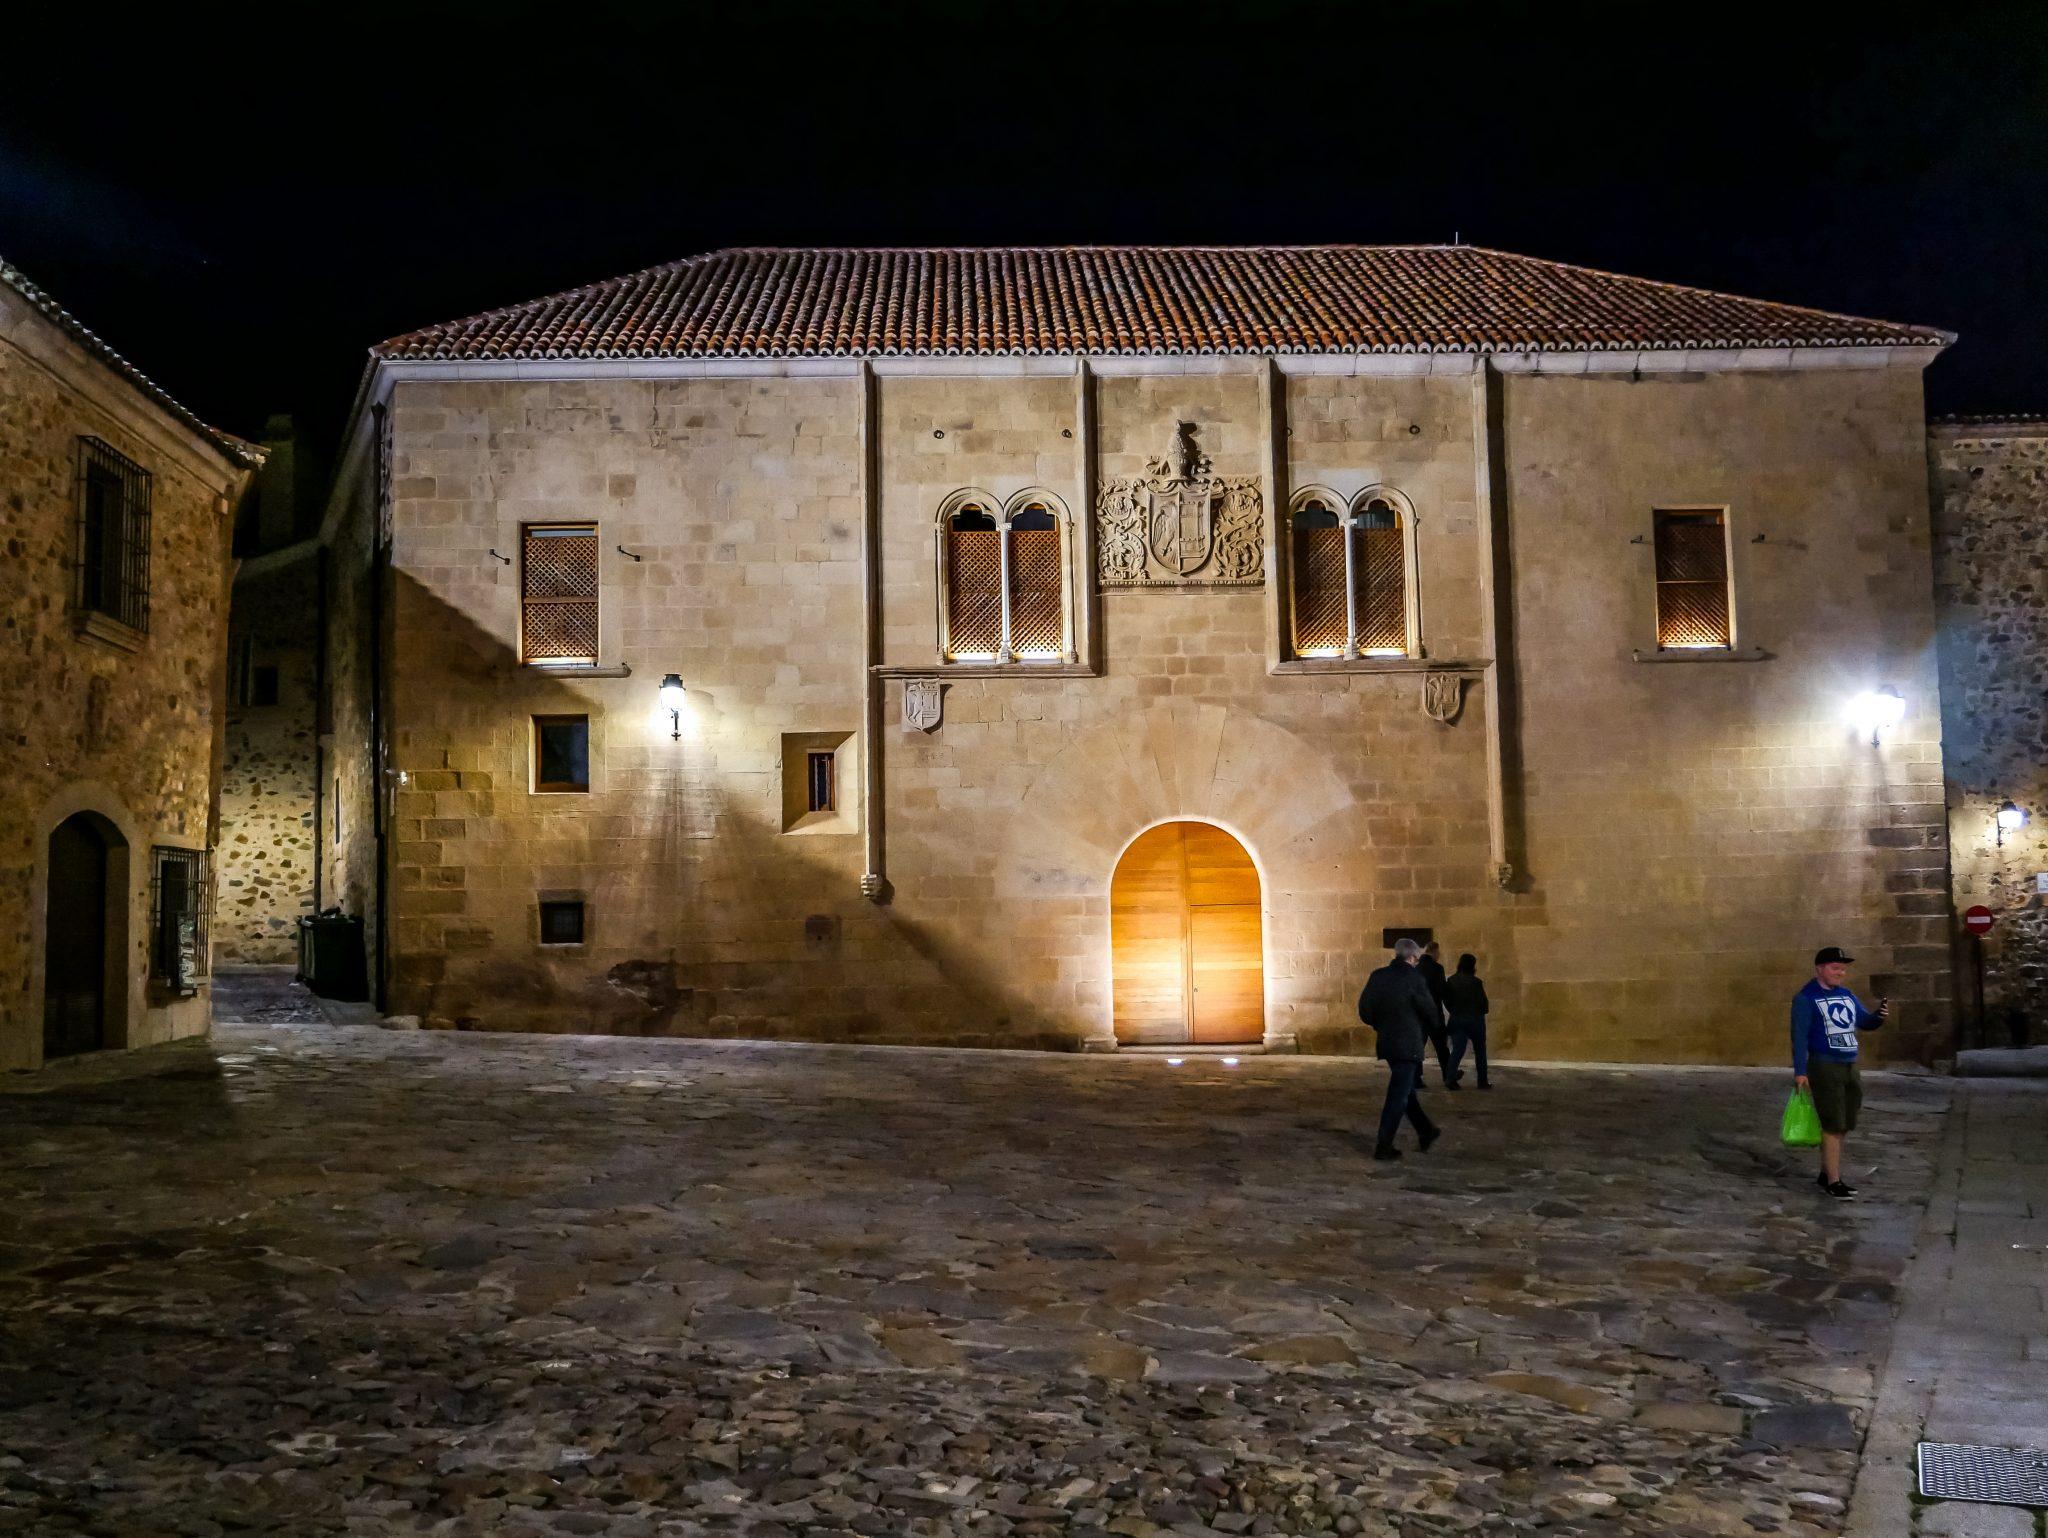 Dieser Platz in Cáceres wurde in Staffel 7 Folge 3 der Serie Game of Thrones genutzt